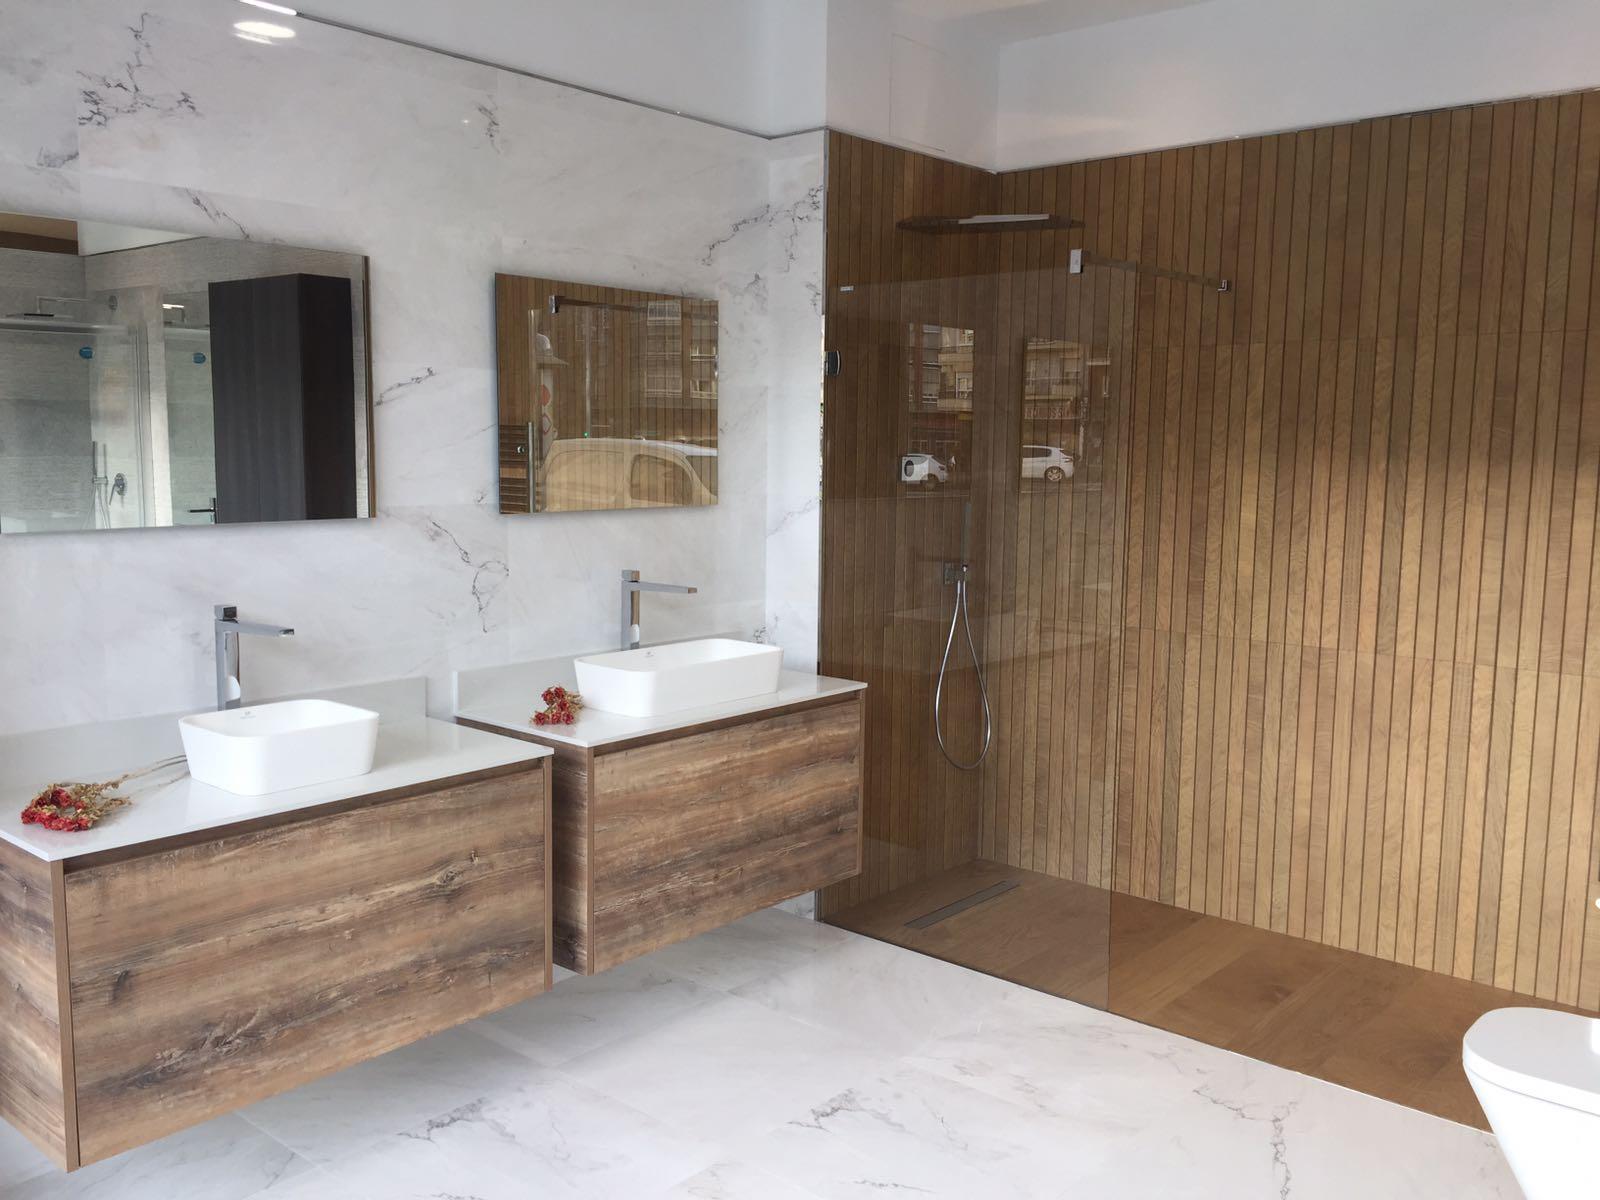 En Buk Design León Queremos Compartir Contigo Los Nuevos Baños Y Cocinas  Expuestos En Nuestra Tienda. Presentamos Unos Diseños De Baño Moderno Y  Funcional ...